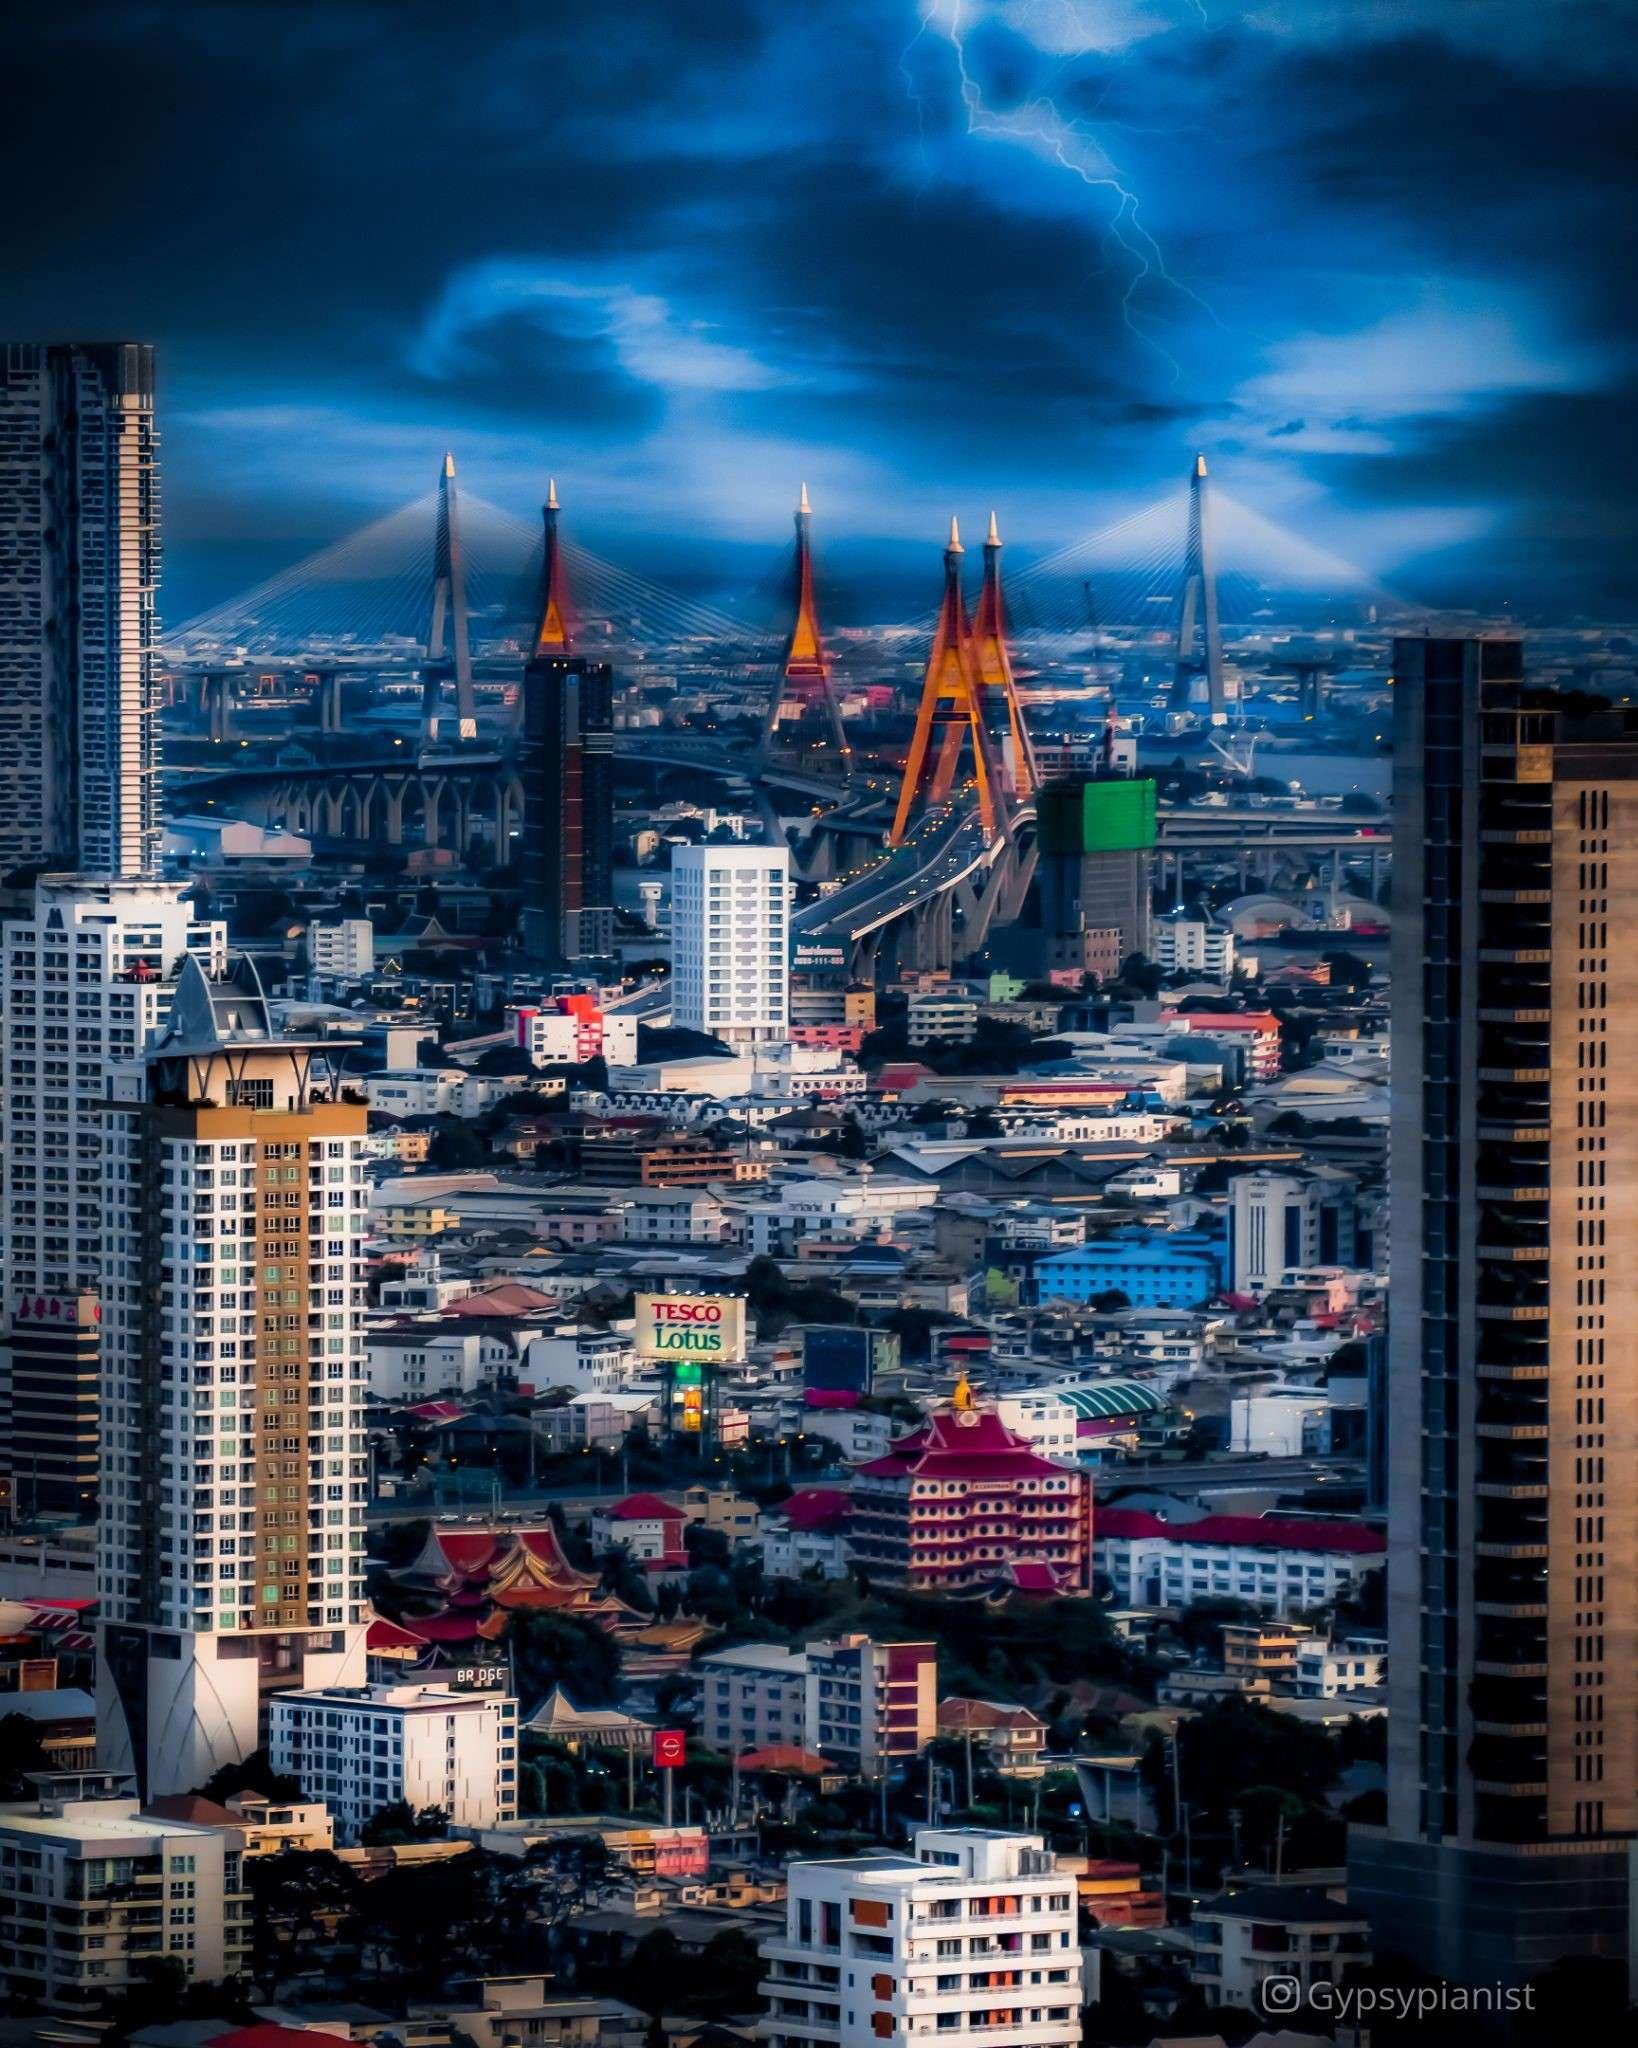 View from the Vertigo Rooftop and Moon Bar over Bangkok